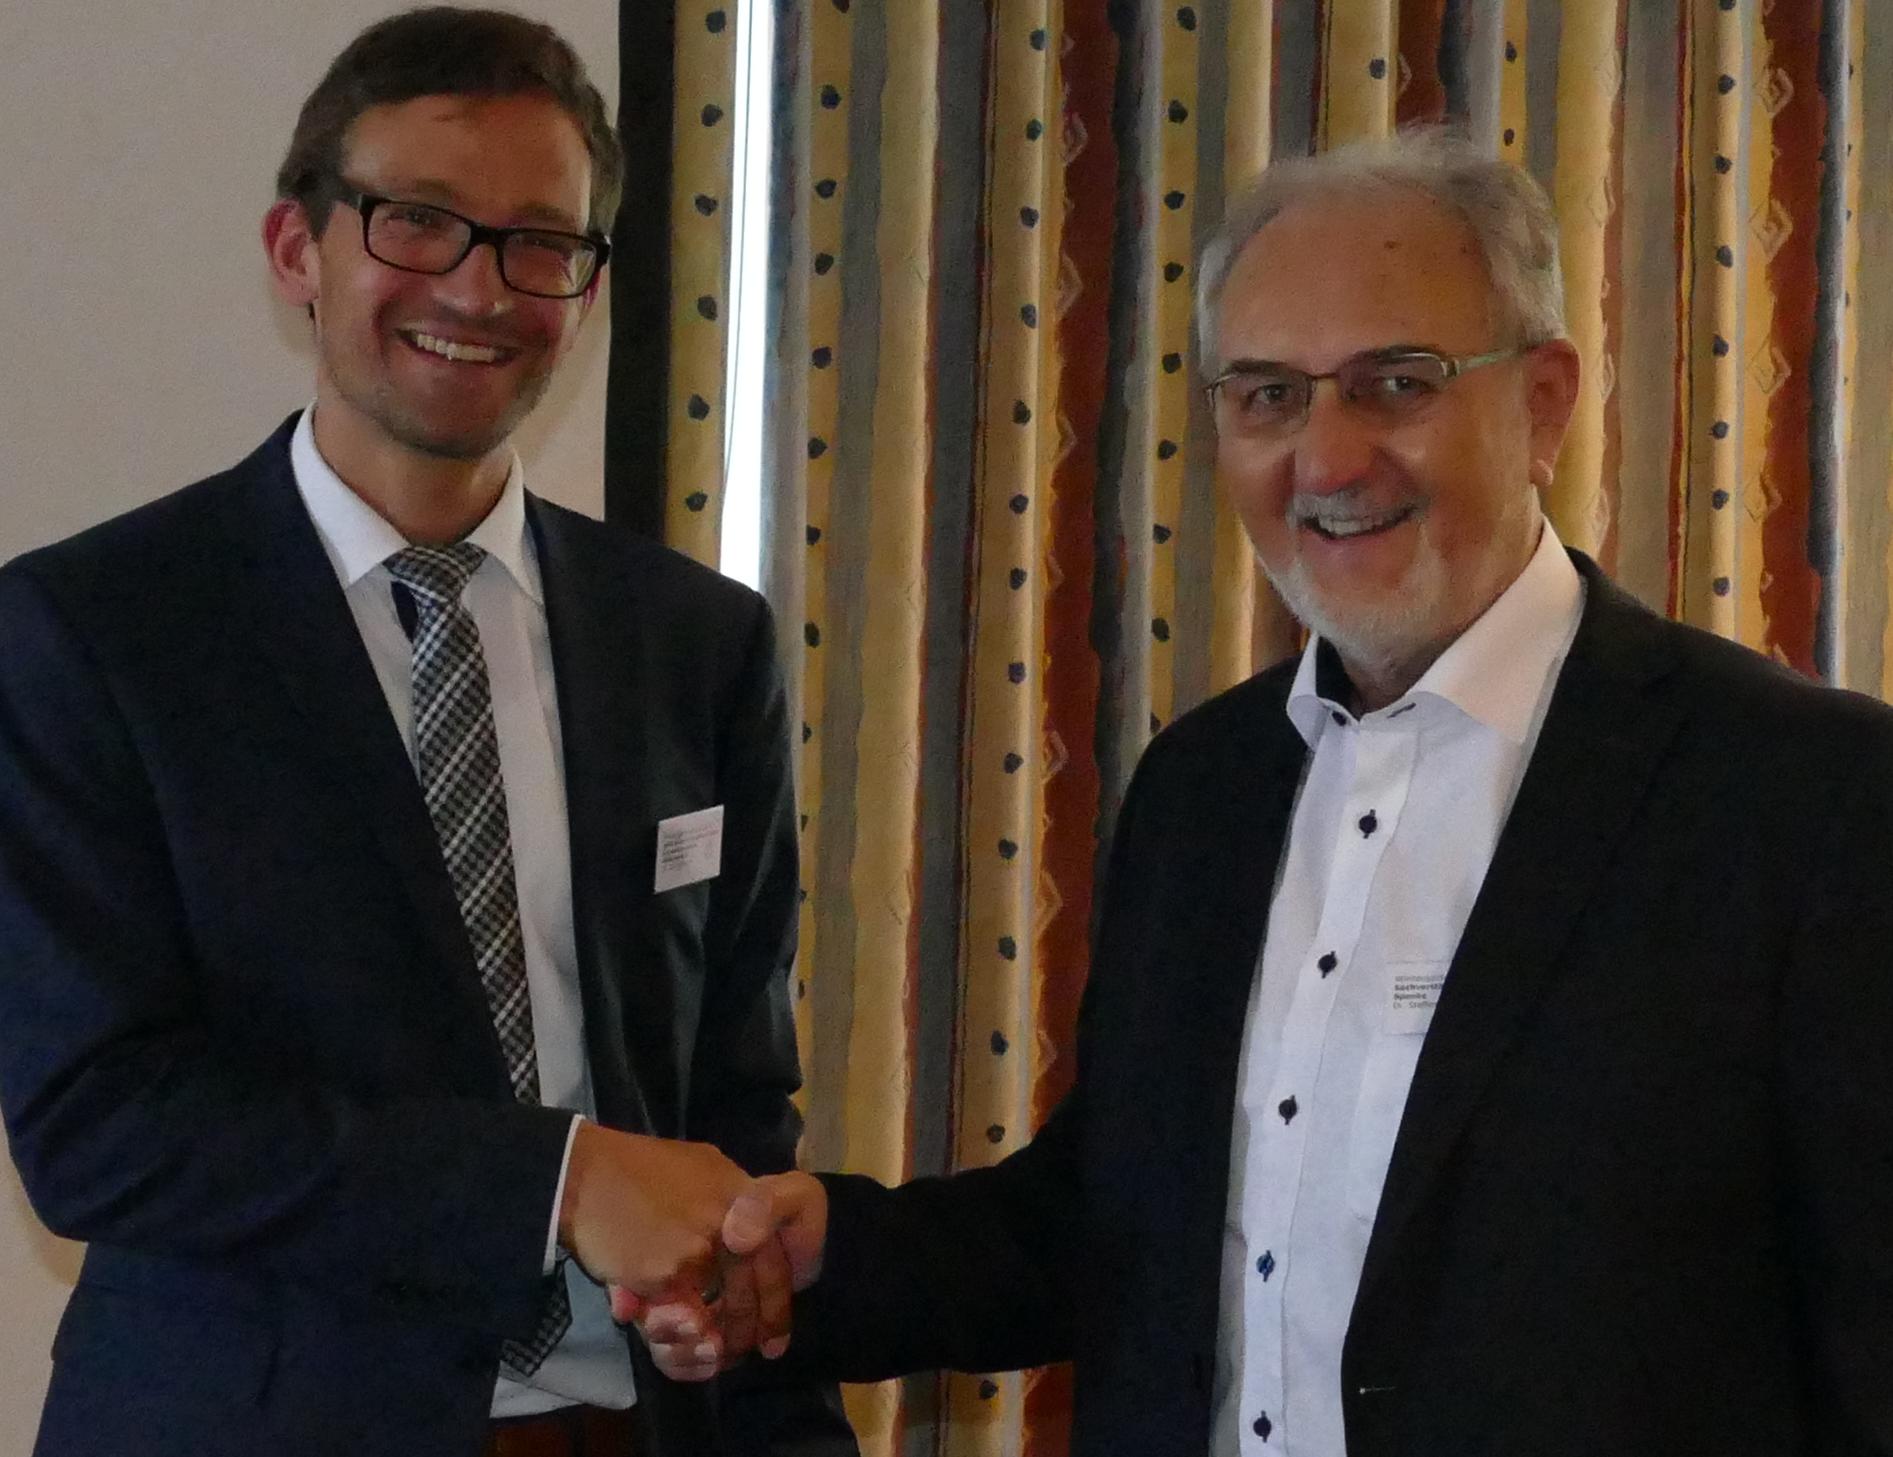 links Dr. Tim Schulze vom Bundesministerium für Wirtschaft und Energie,  rechts Dr. Spenke, Vorsitzender des Bundesverbandes Wintergarten e.V.